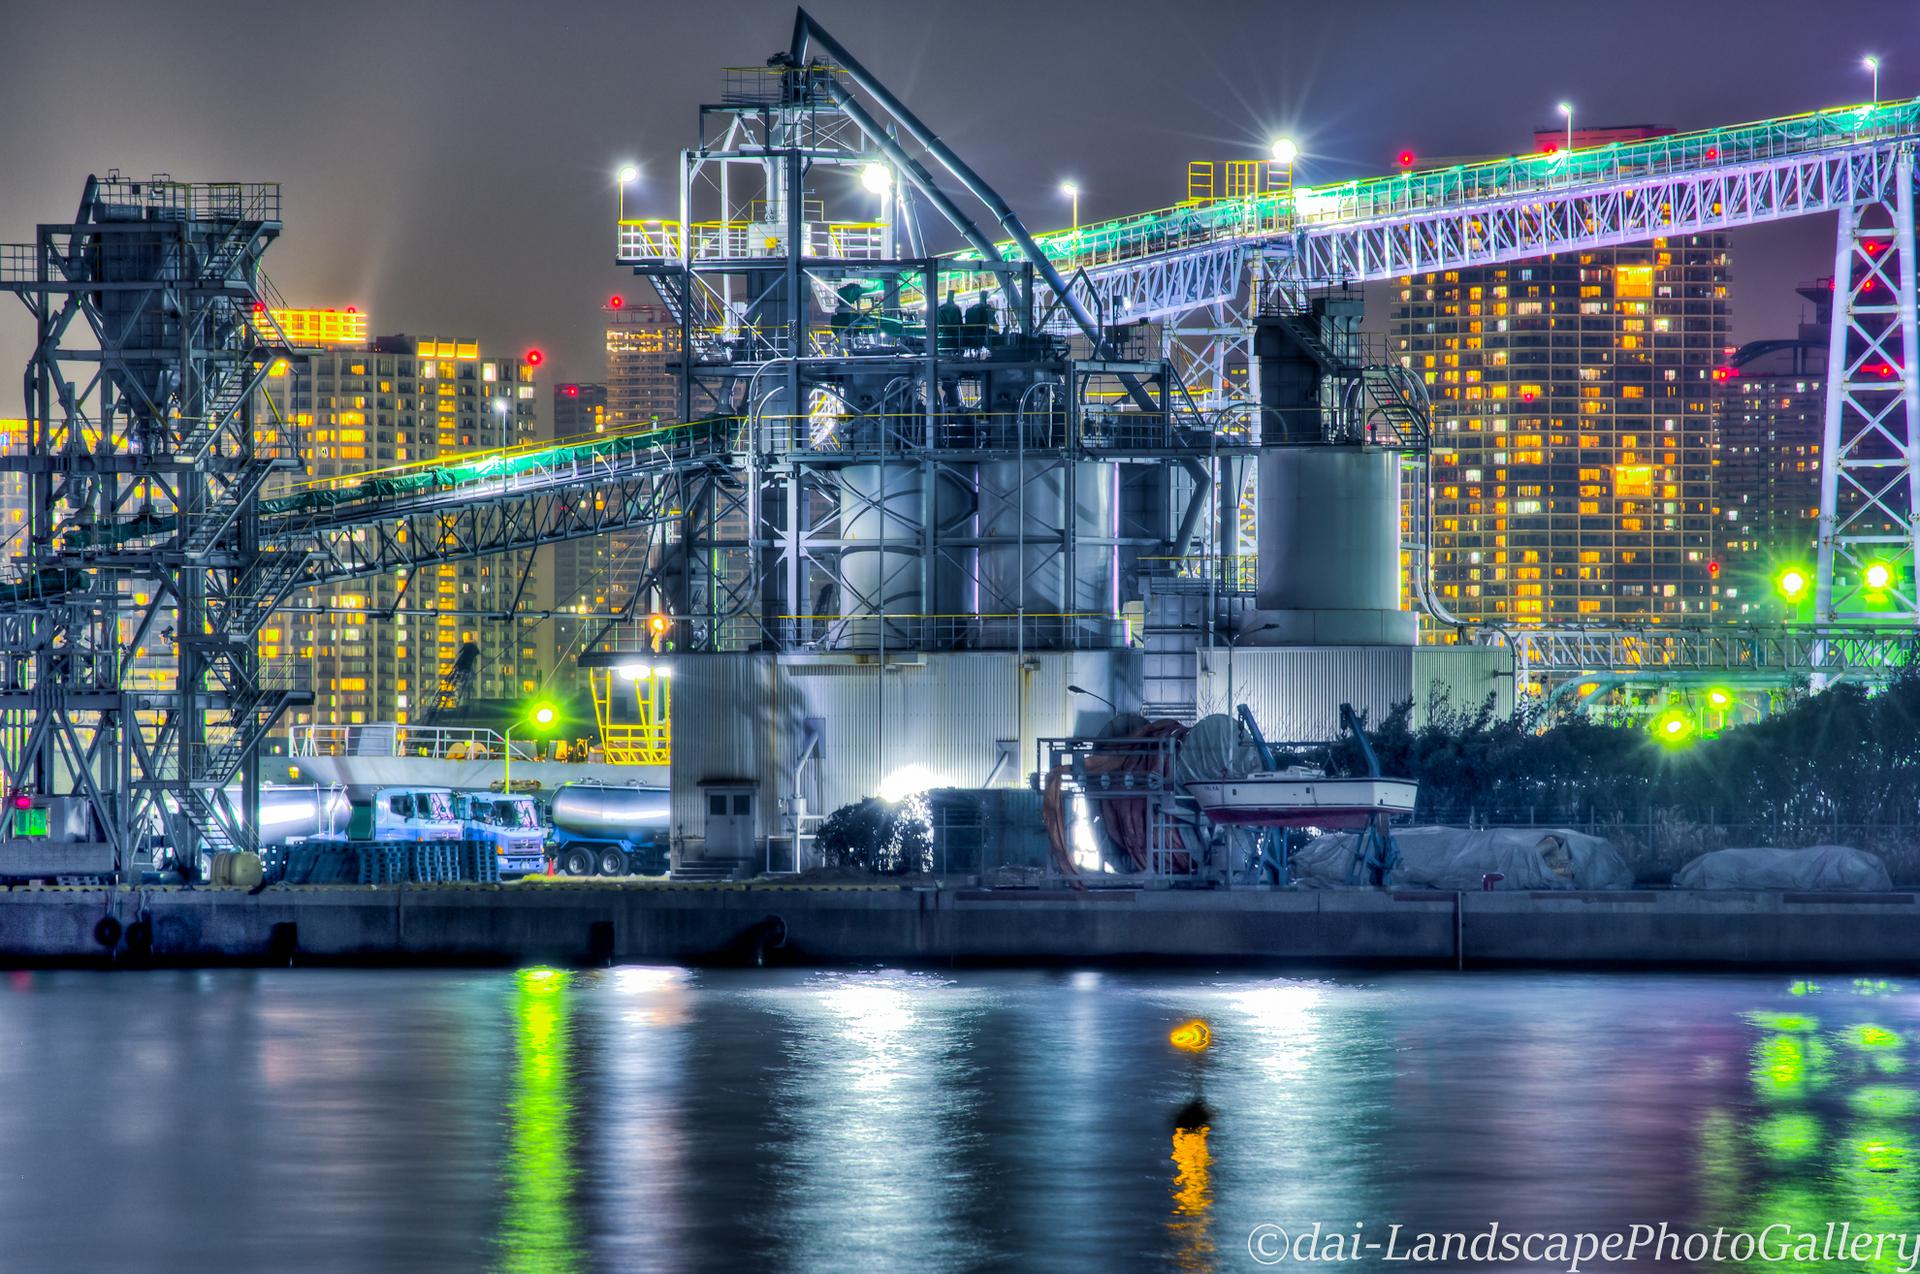 東京港セメント工場夜景【HDRi】